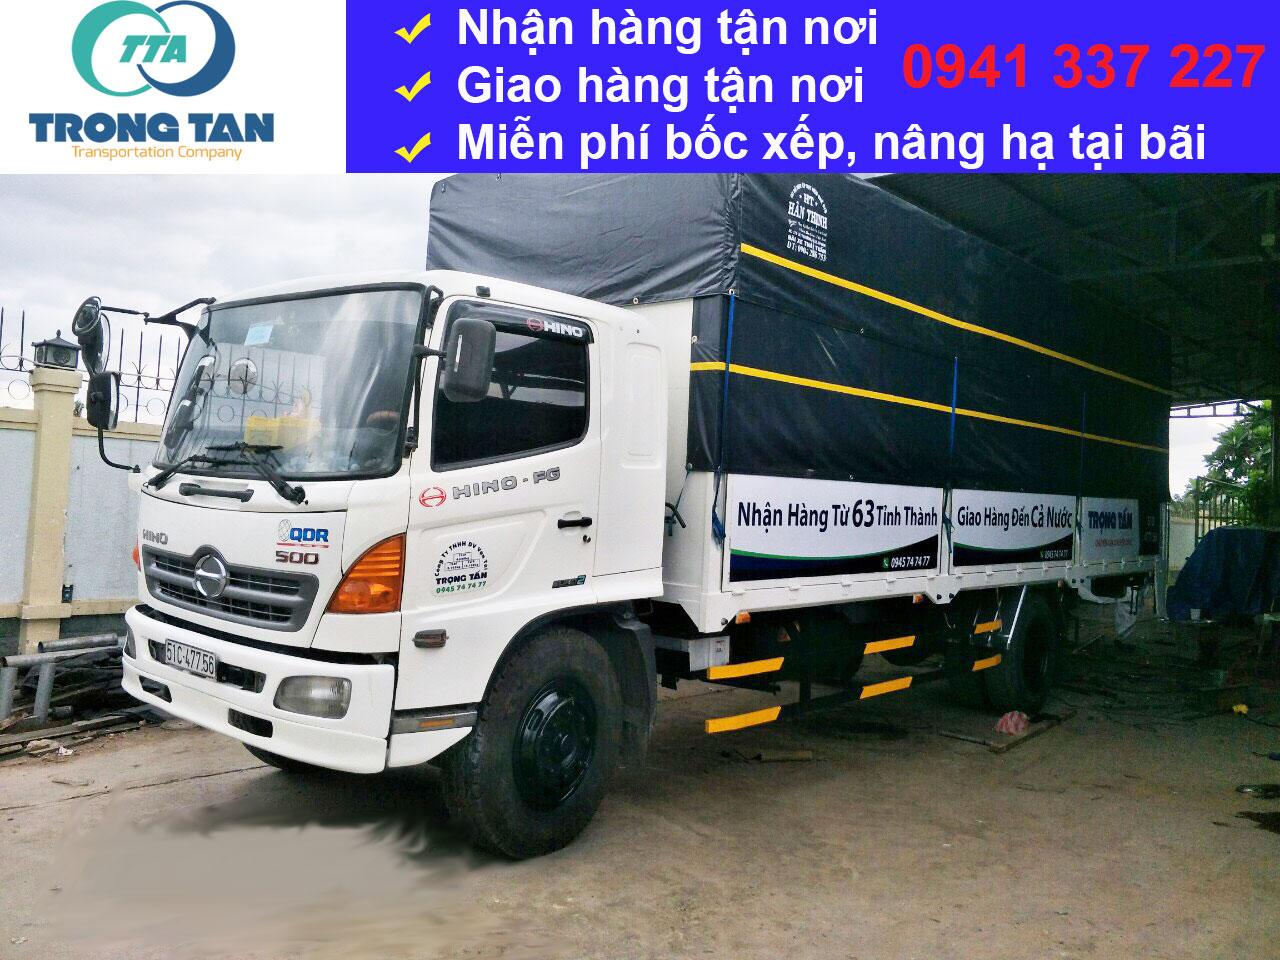 Hình thức vận chuyển Hà Nội Quy Nhơn